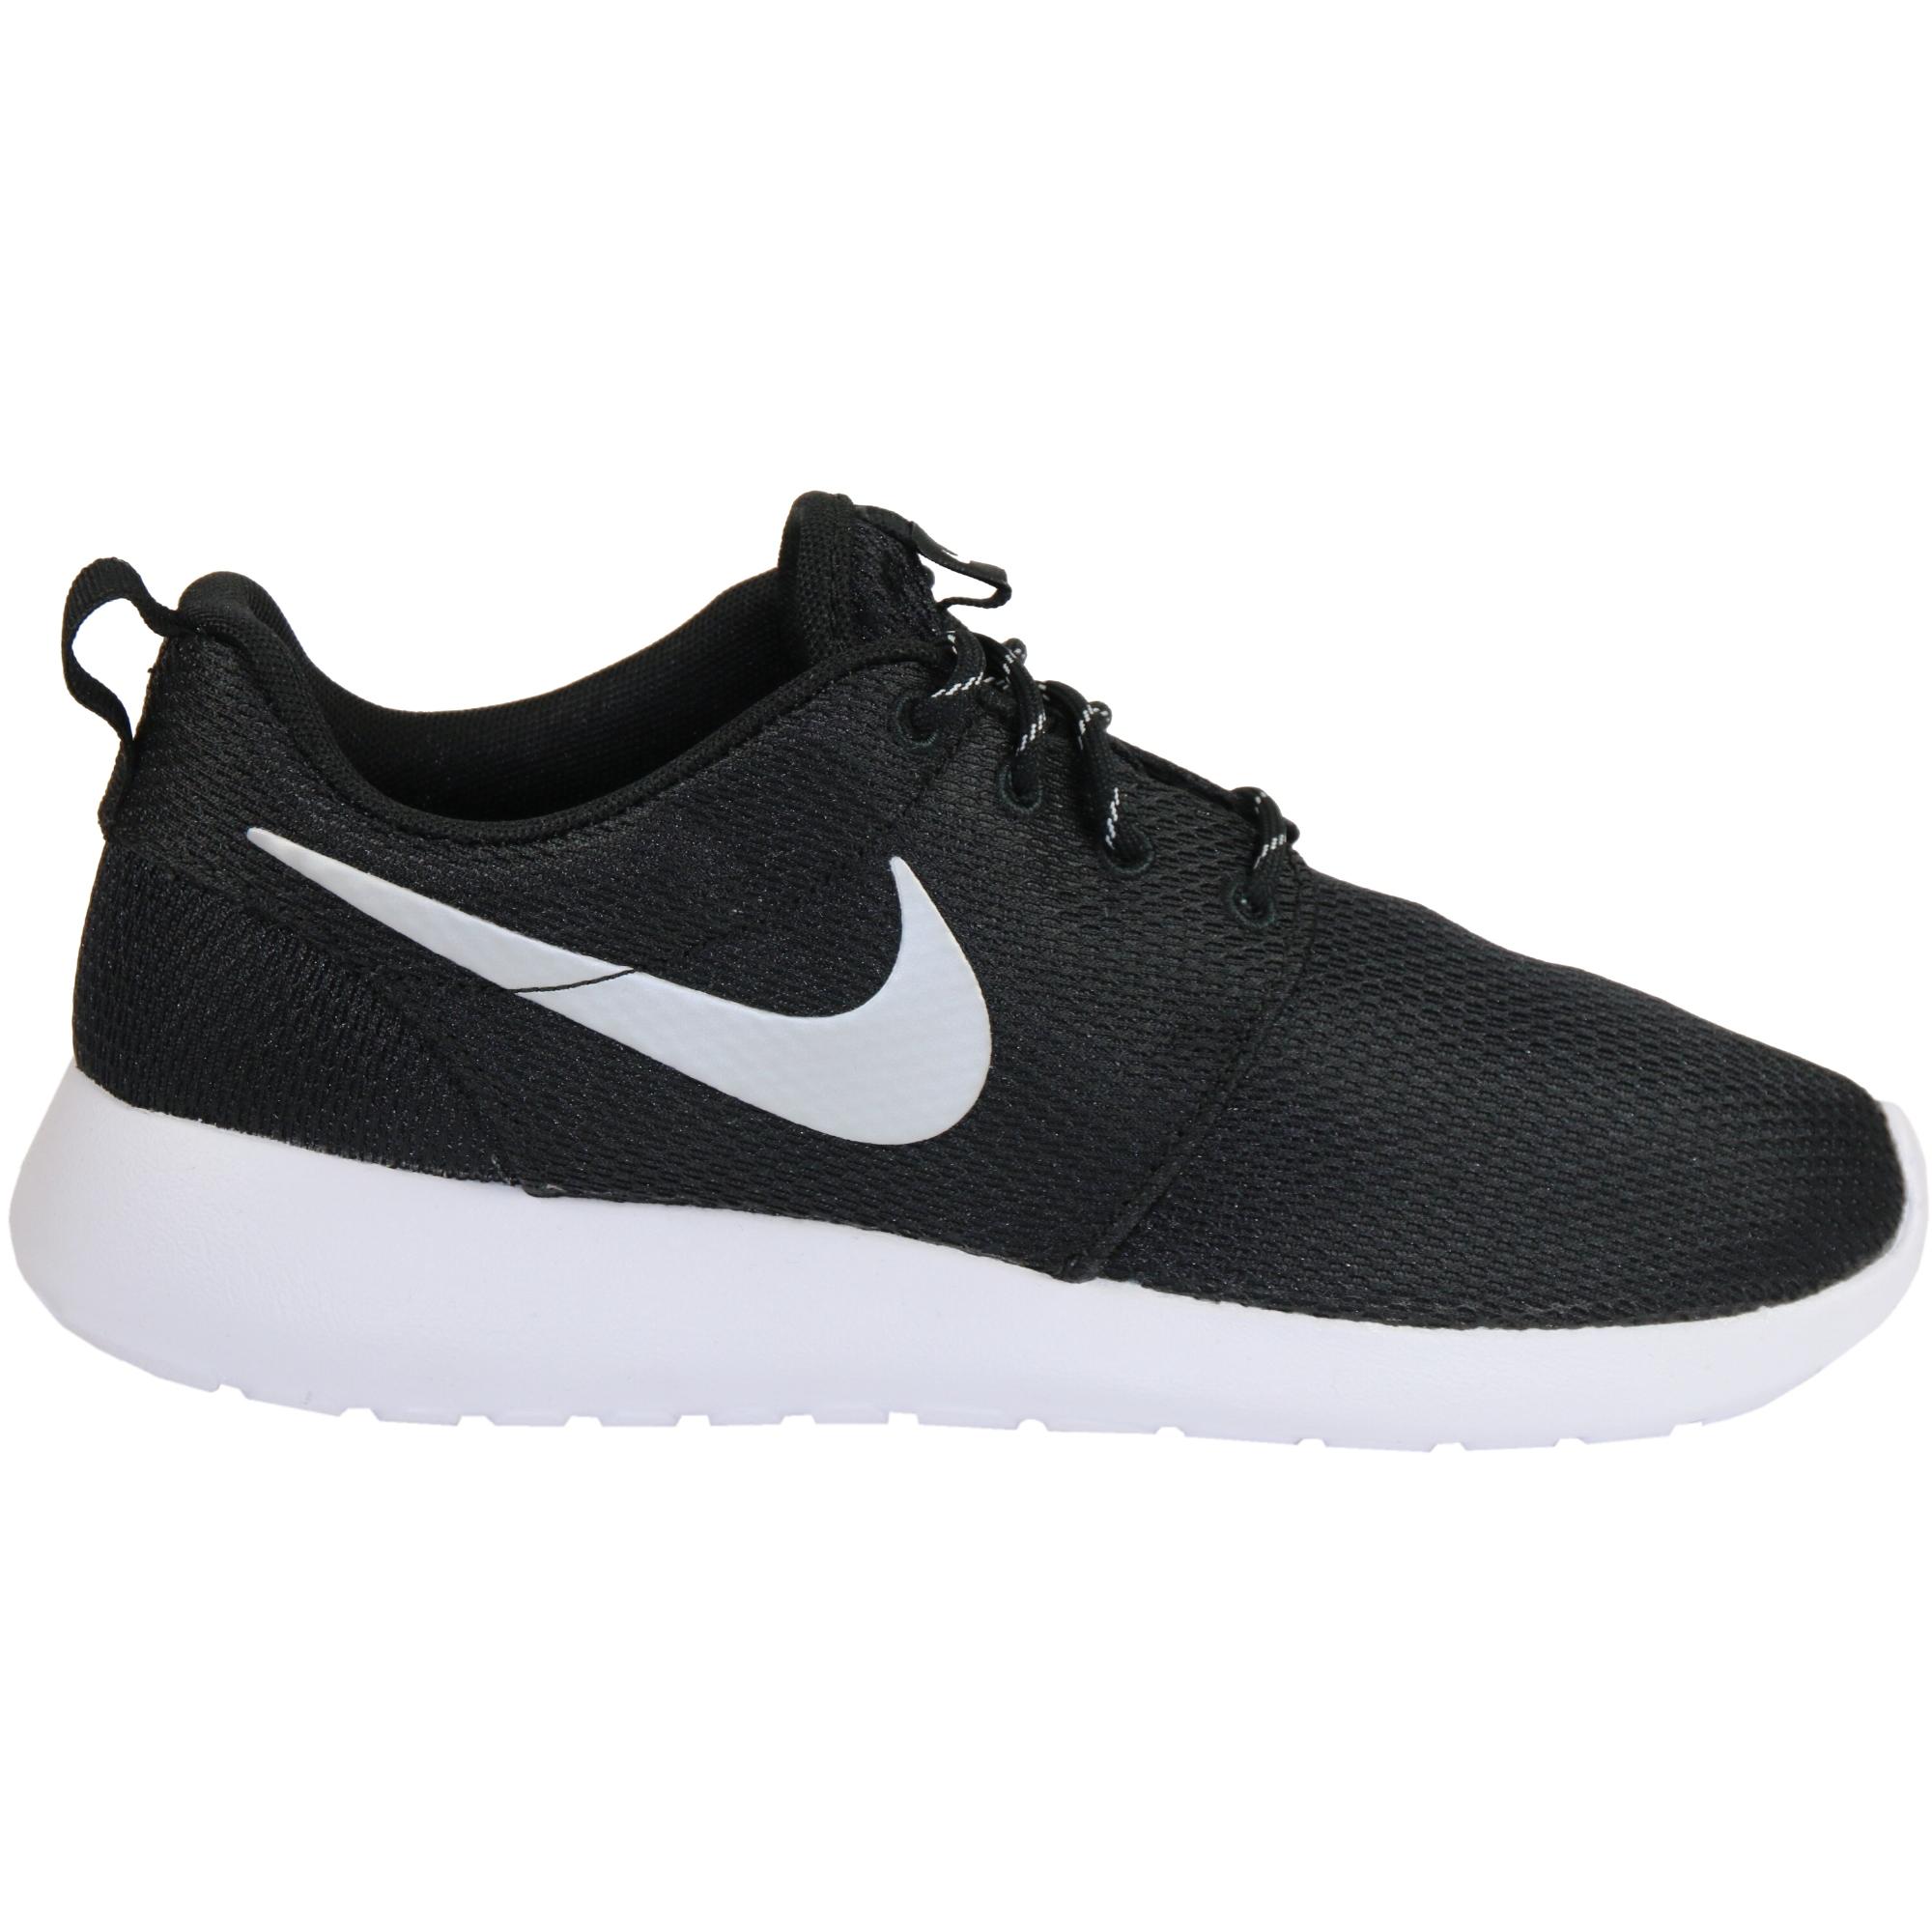 Ladies Nike Athletic Shoes